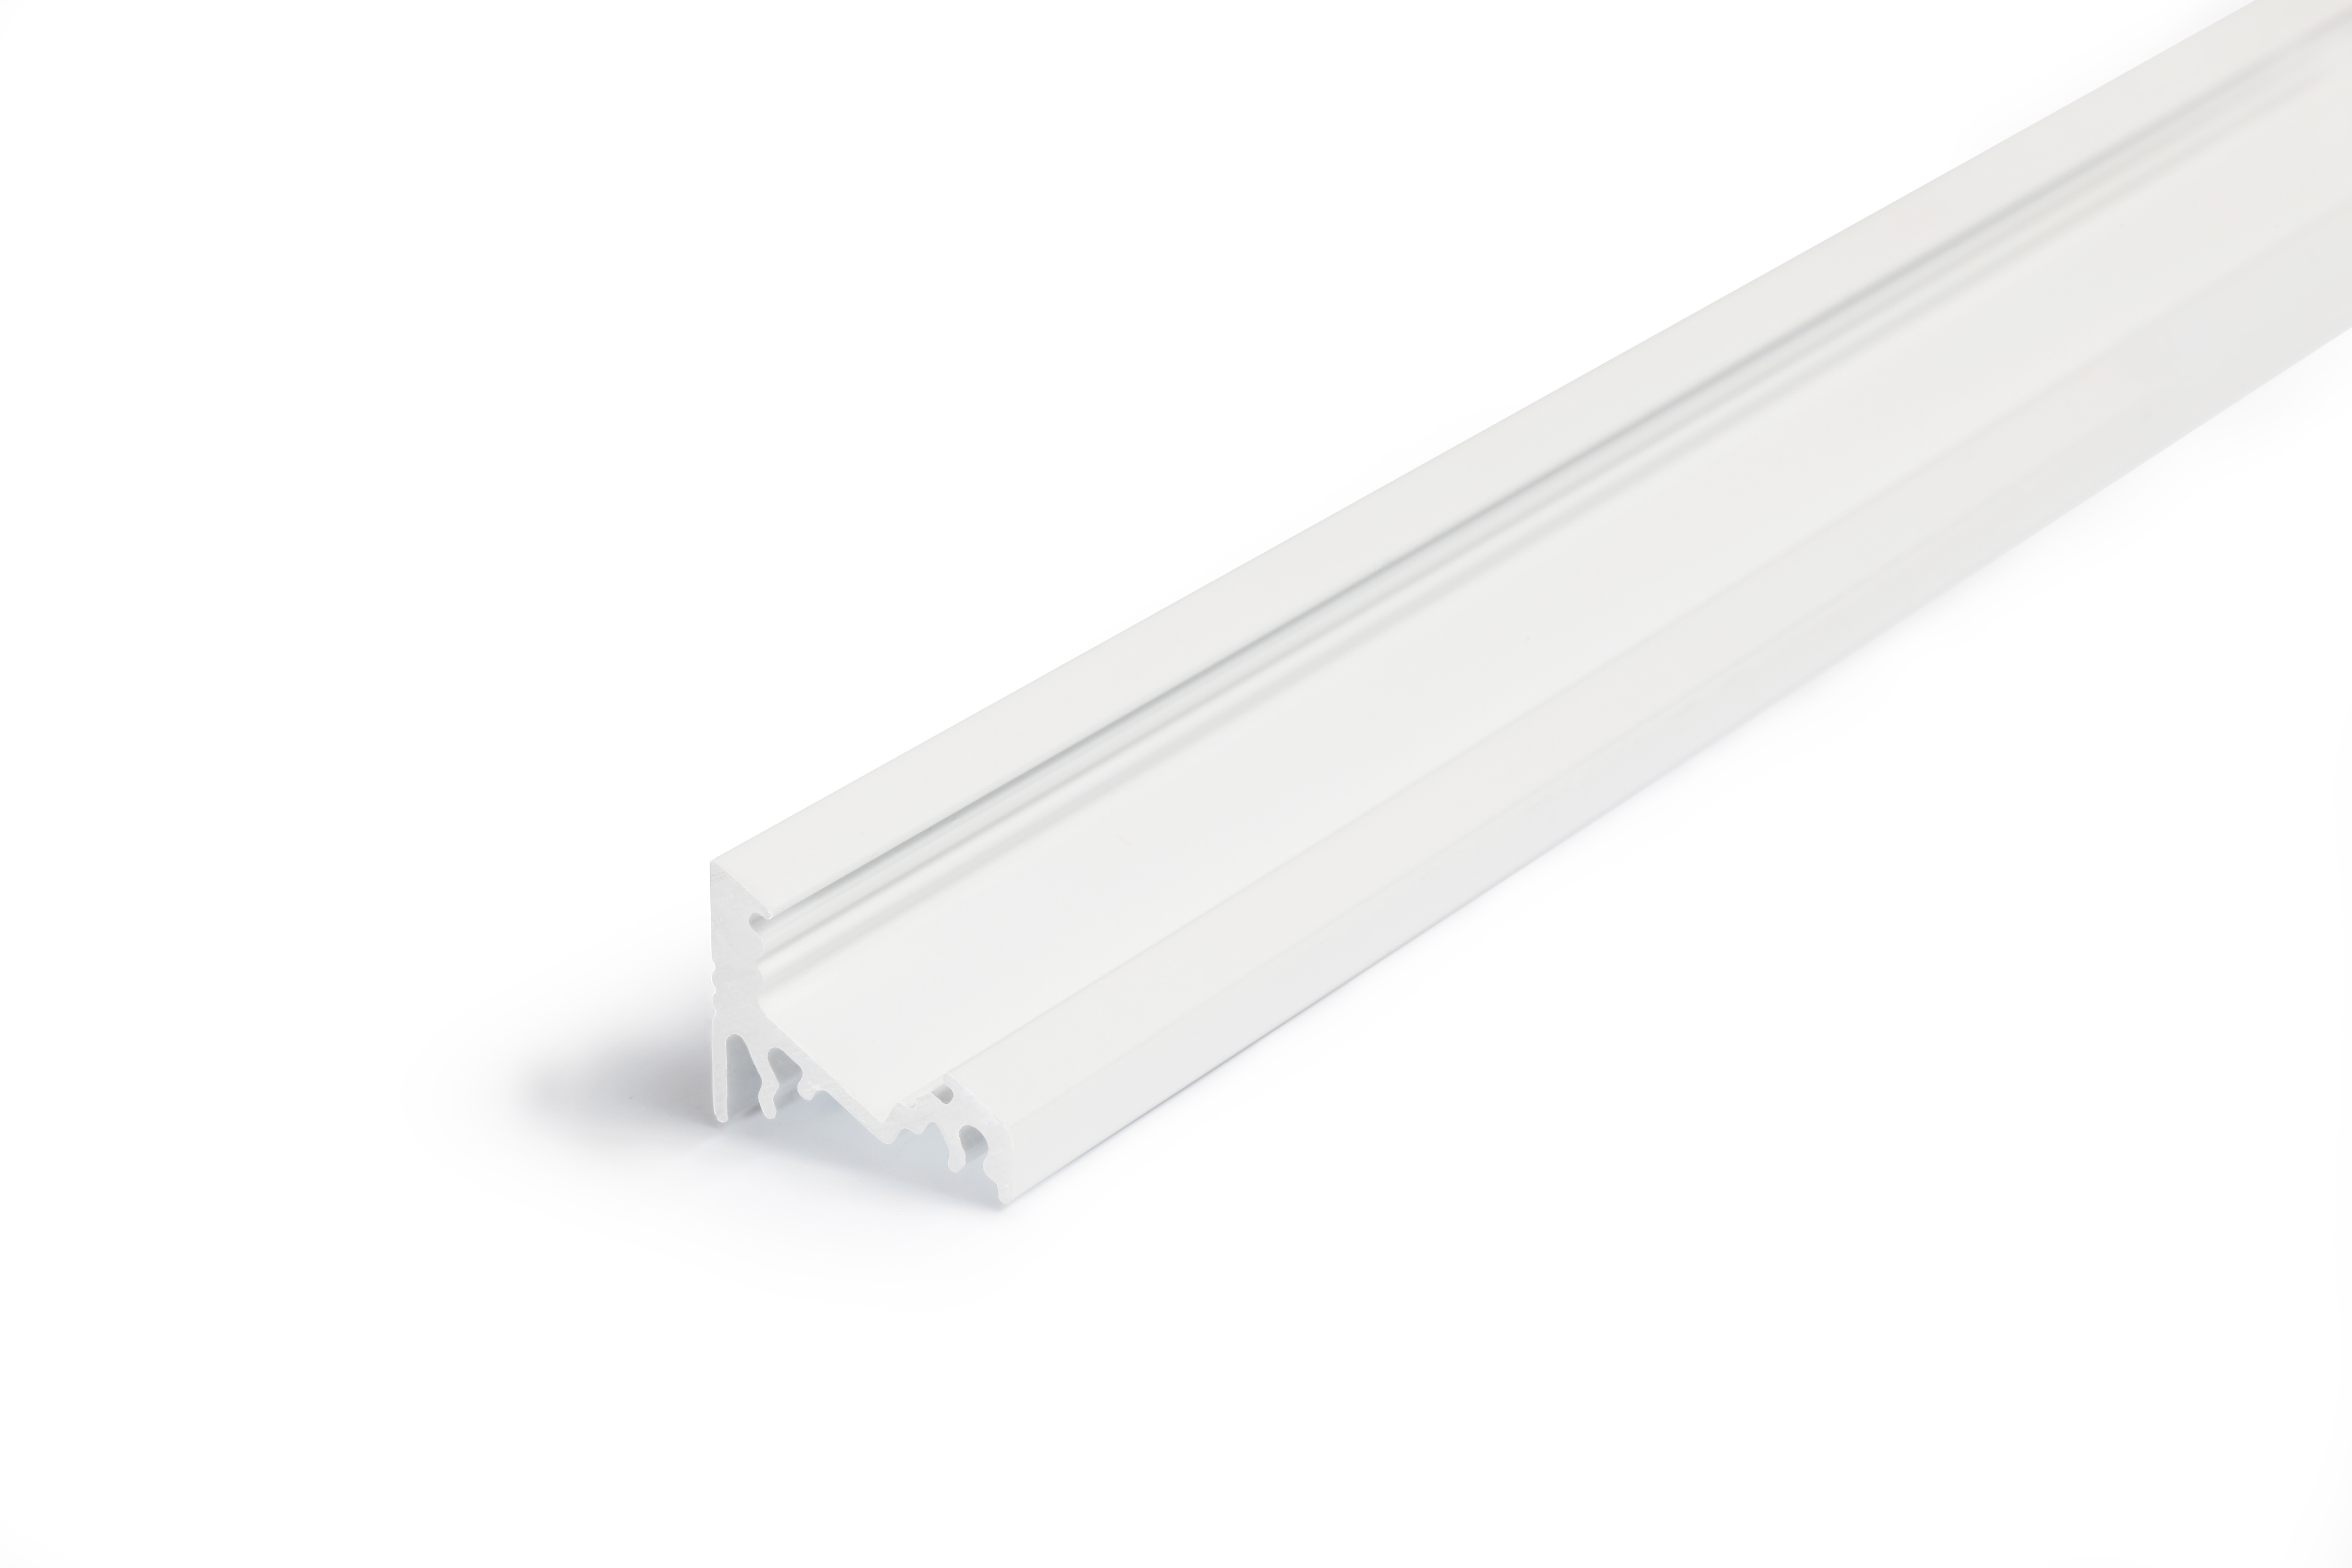 LED riba alusprofiil Corner10, valge, L=2000mm (10mm laiusele LEDribale) LEDriba paigaldus 60* või 30*